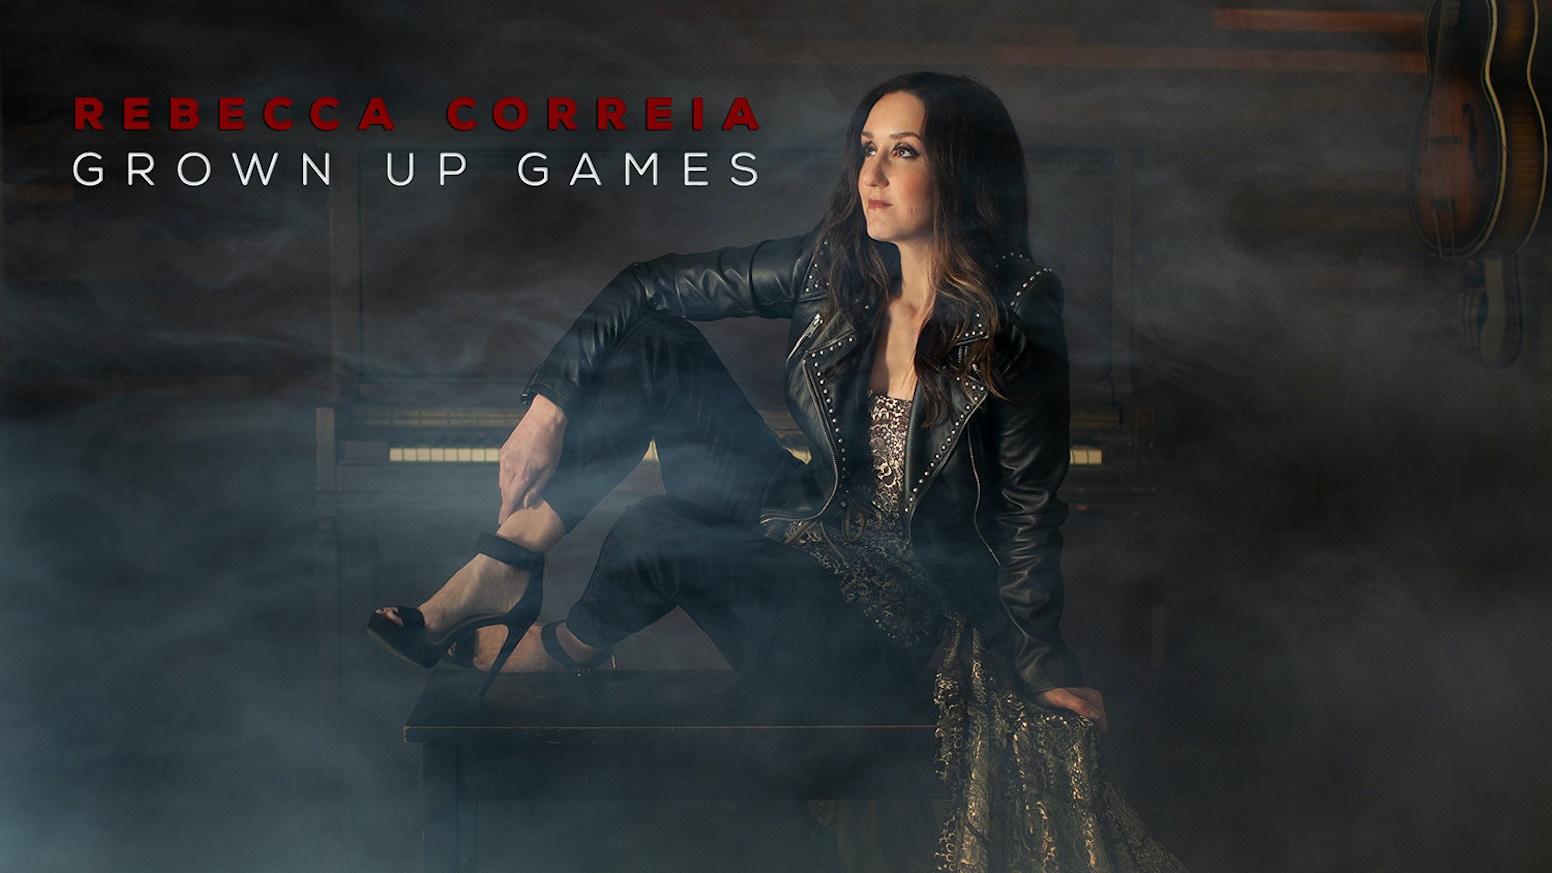 23b8548c33 New Album by Rebecca Correia Produced by Keb' Mo' by Rebecca Correia ...